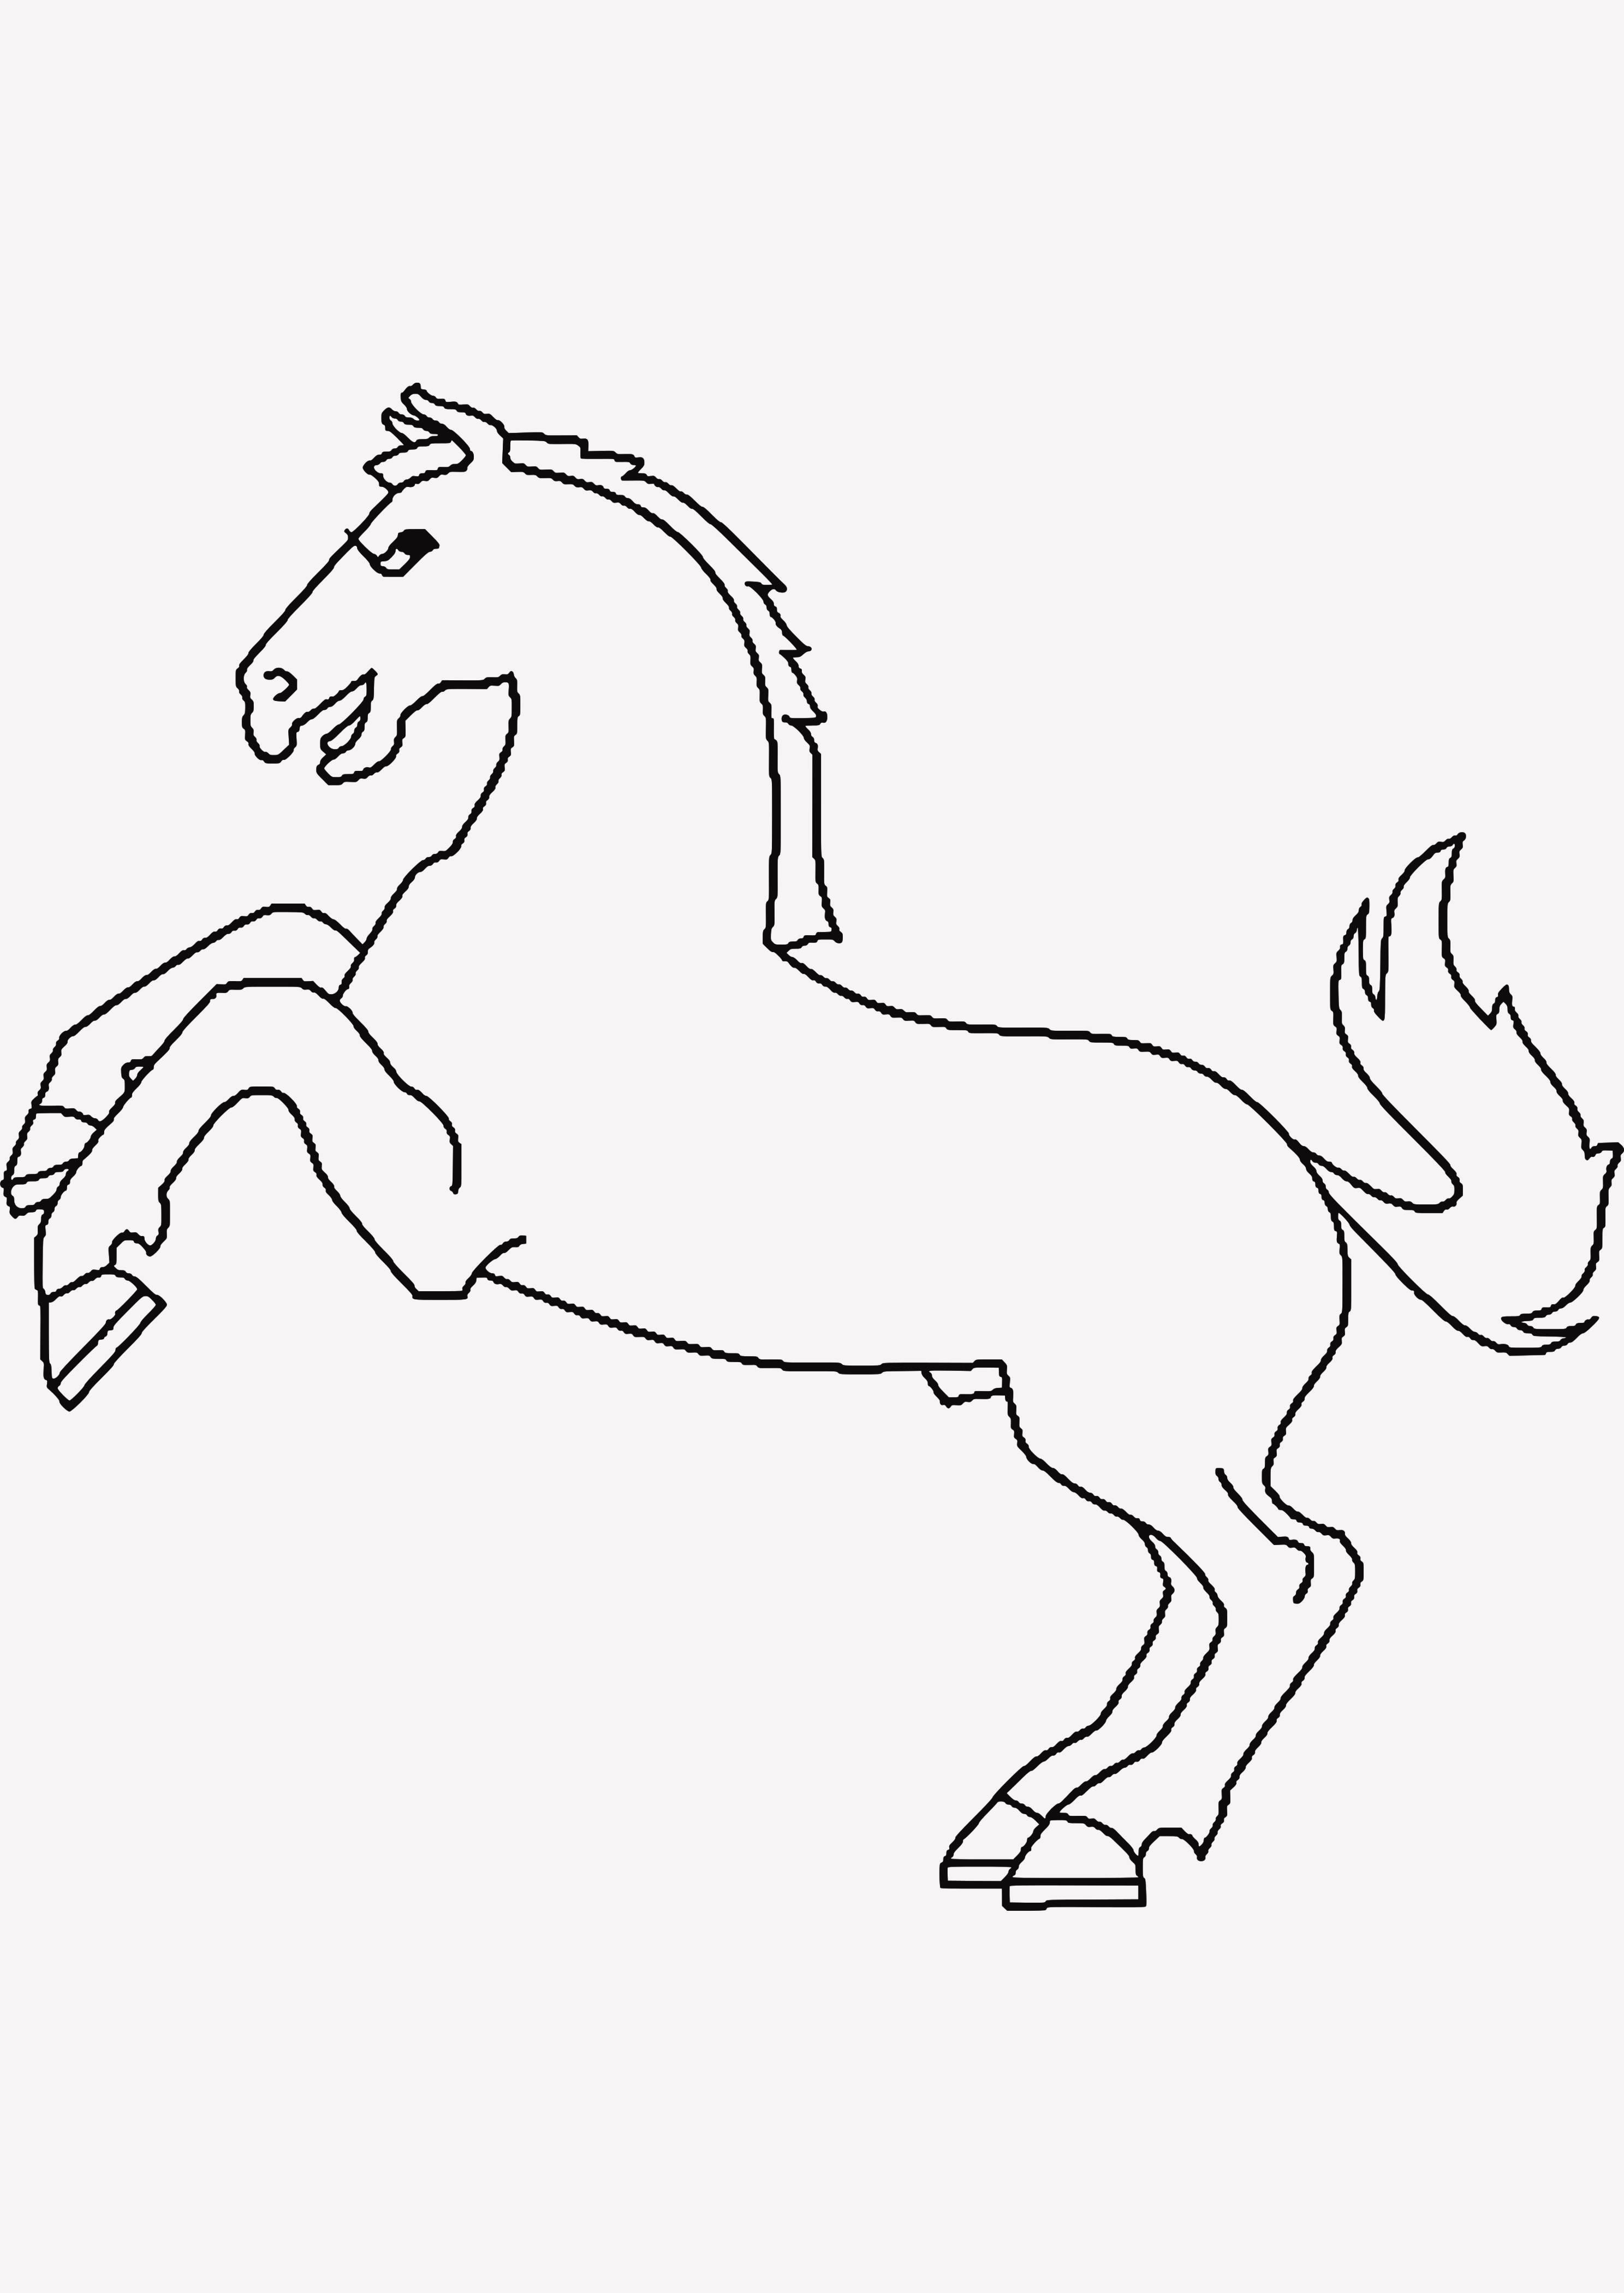 Filly Pferd Ausmalbilder Einzigartig 25 Erstaunlich Ausmalbilder Pferde Filly Galerie